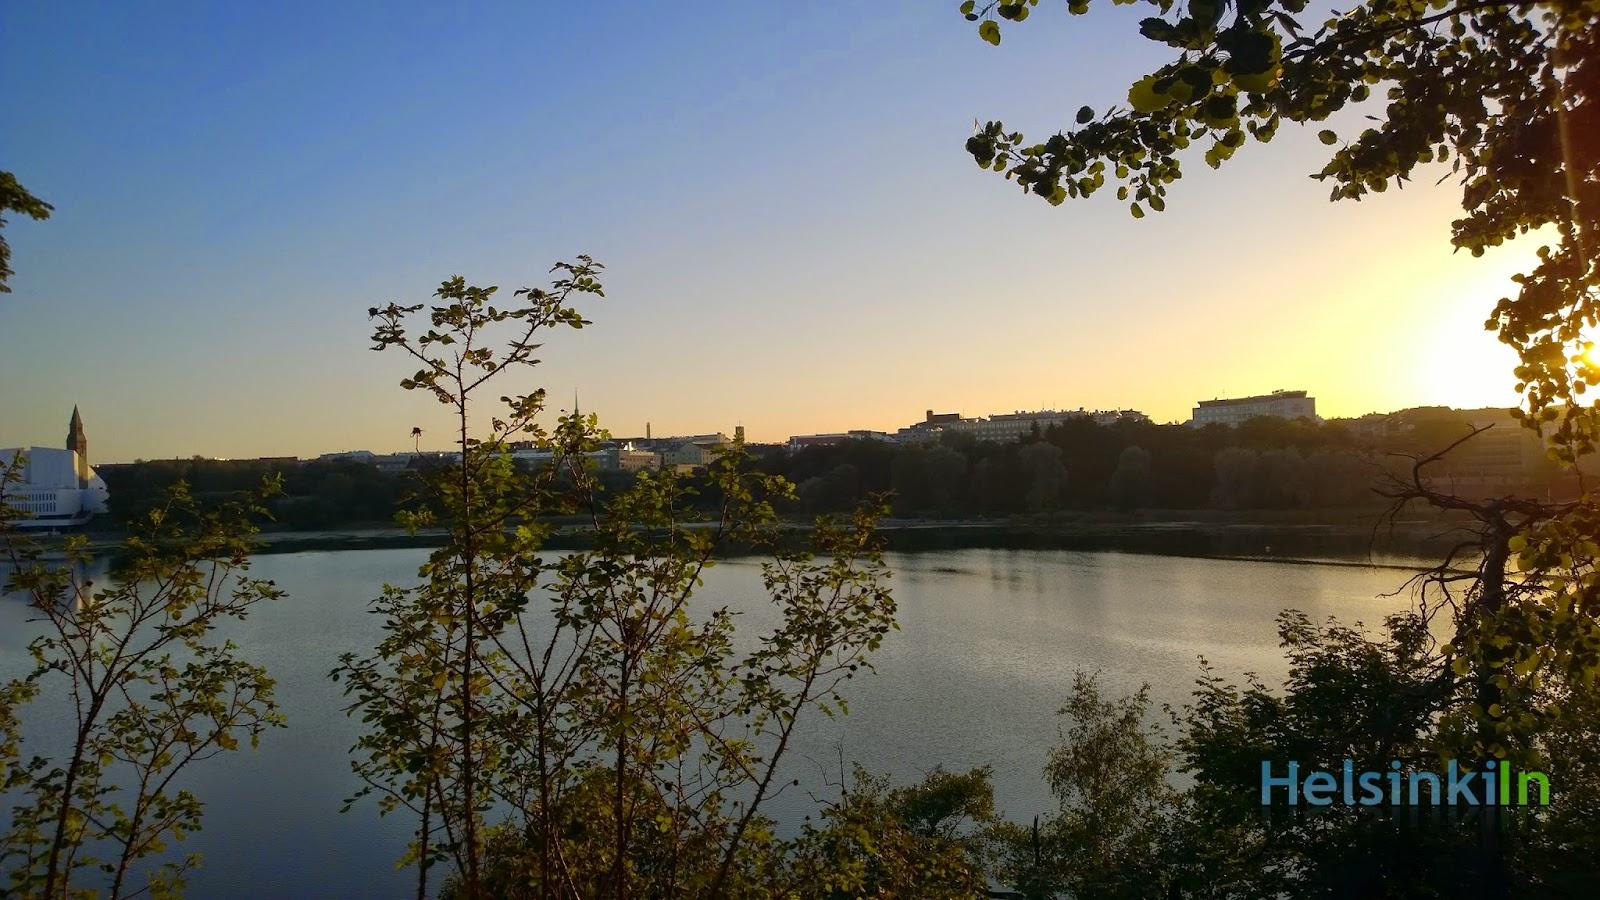 view over Helsinki from Sinisen Huvila Kahvila